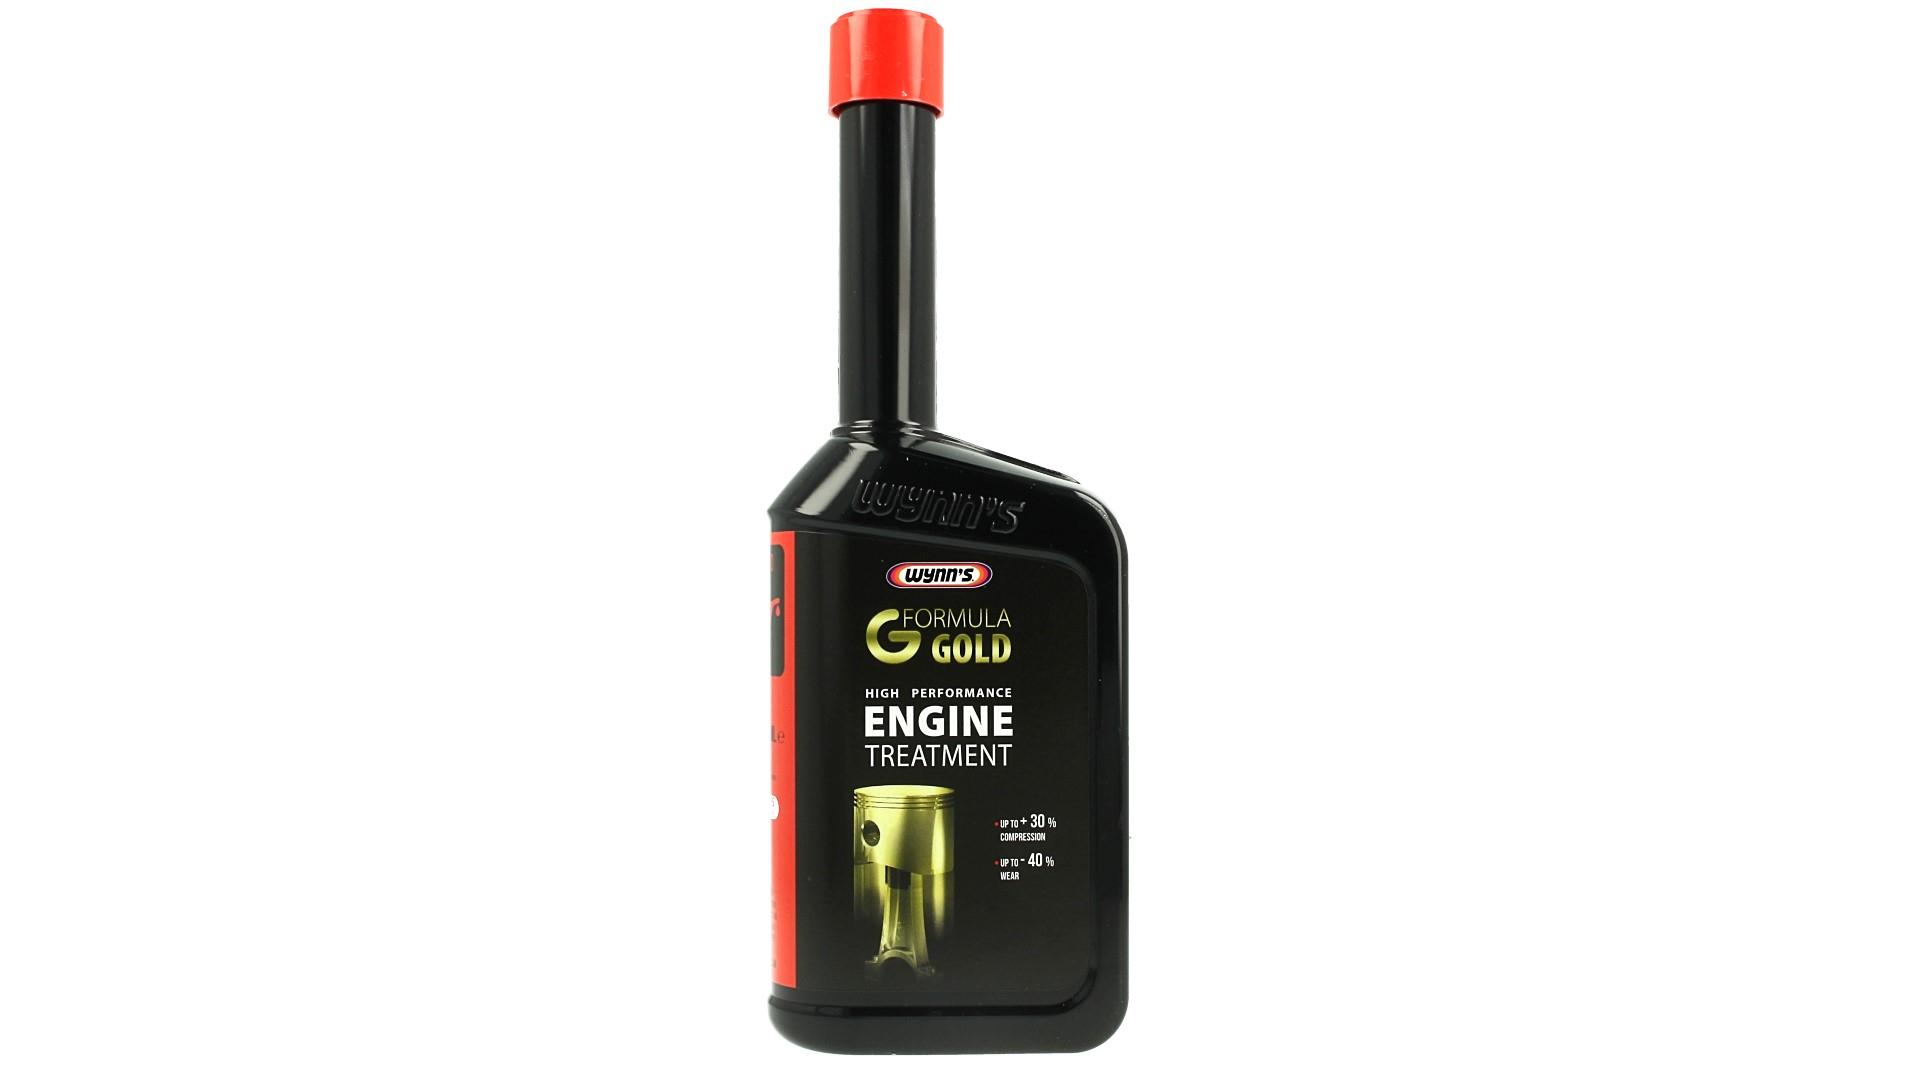 Wynns High Performance Engine Treatment Formual Gold Aumenta Compressione Riduce Usura 500ml - PZ